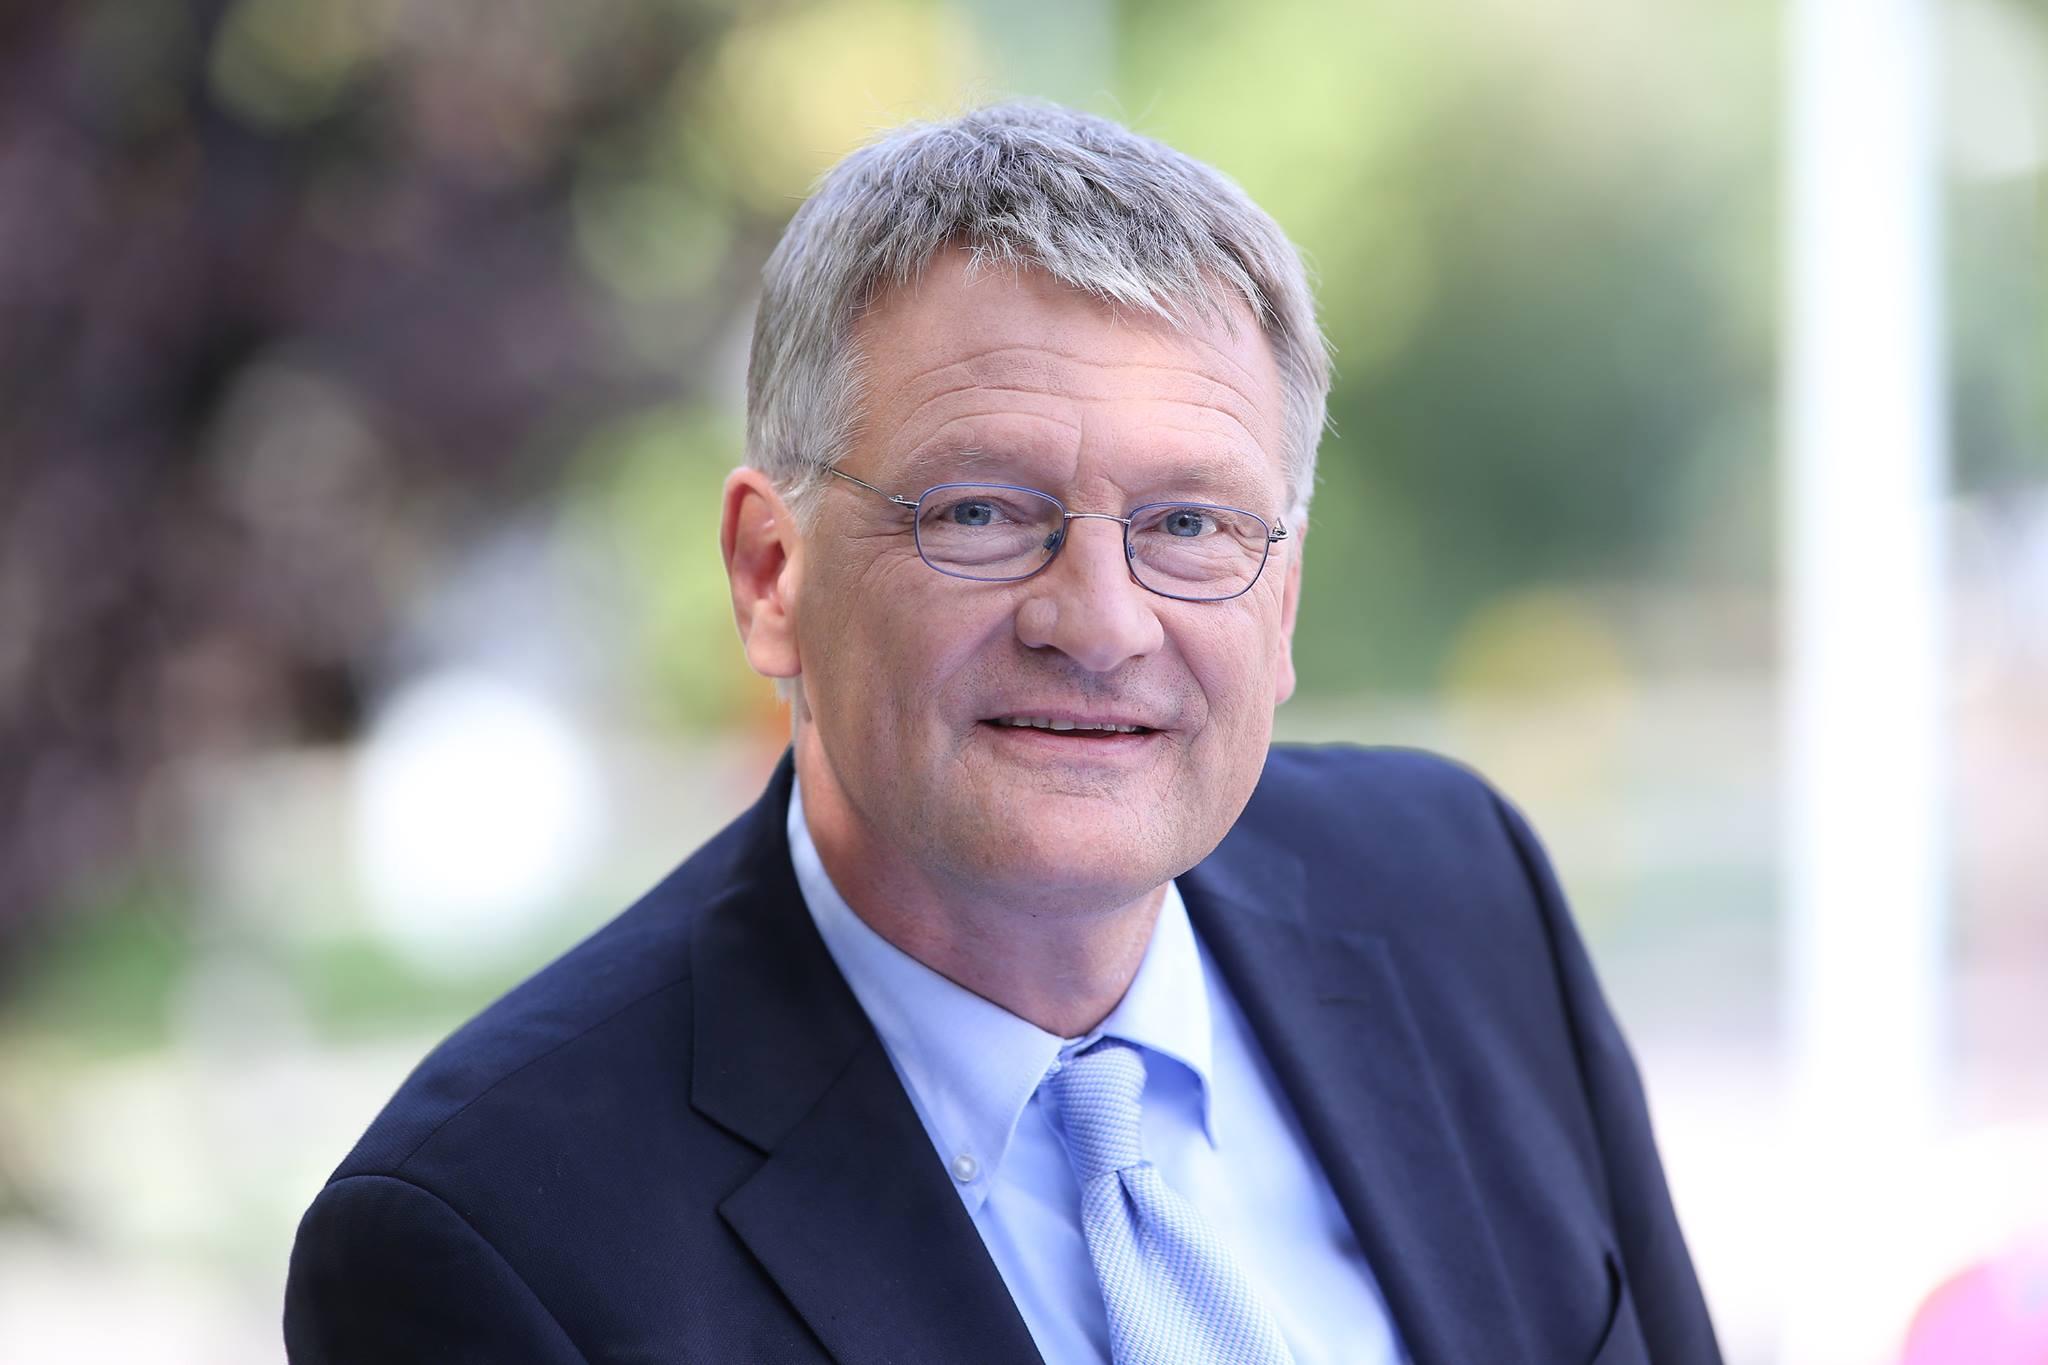 Jörg Meuthen (AfD):